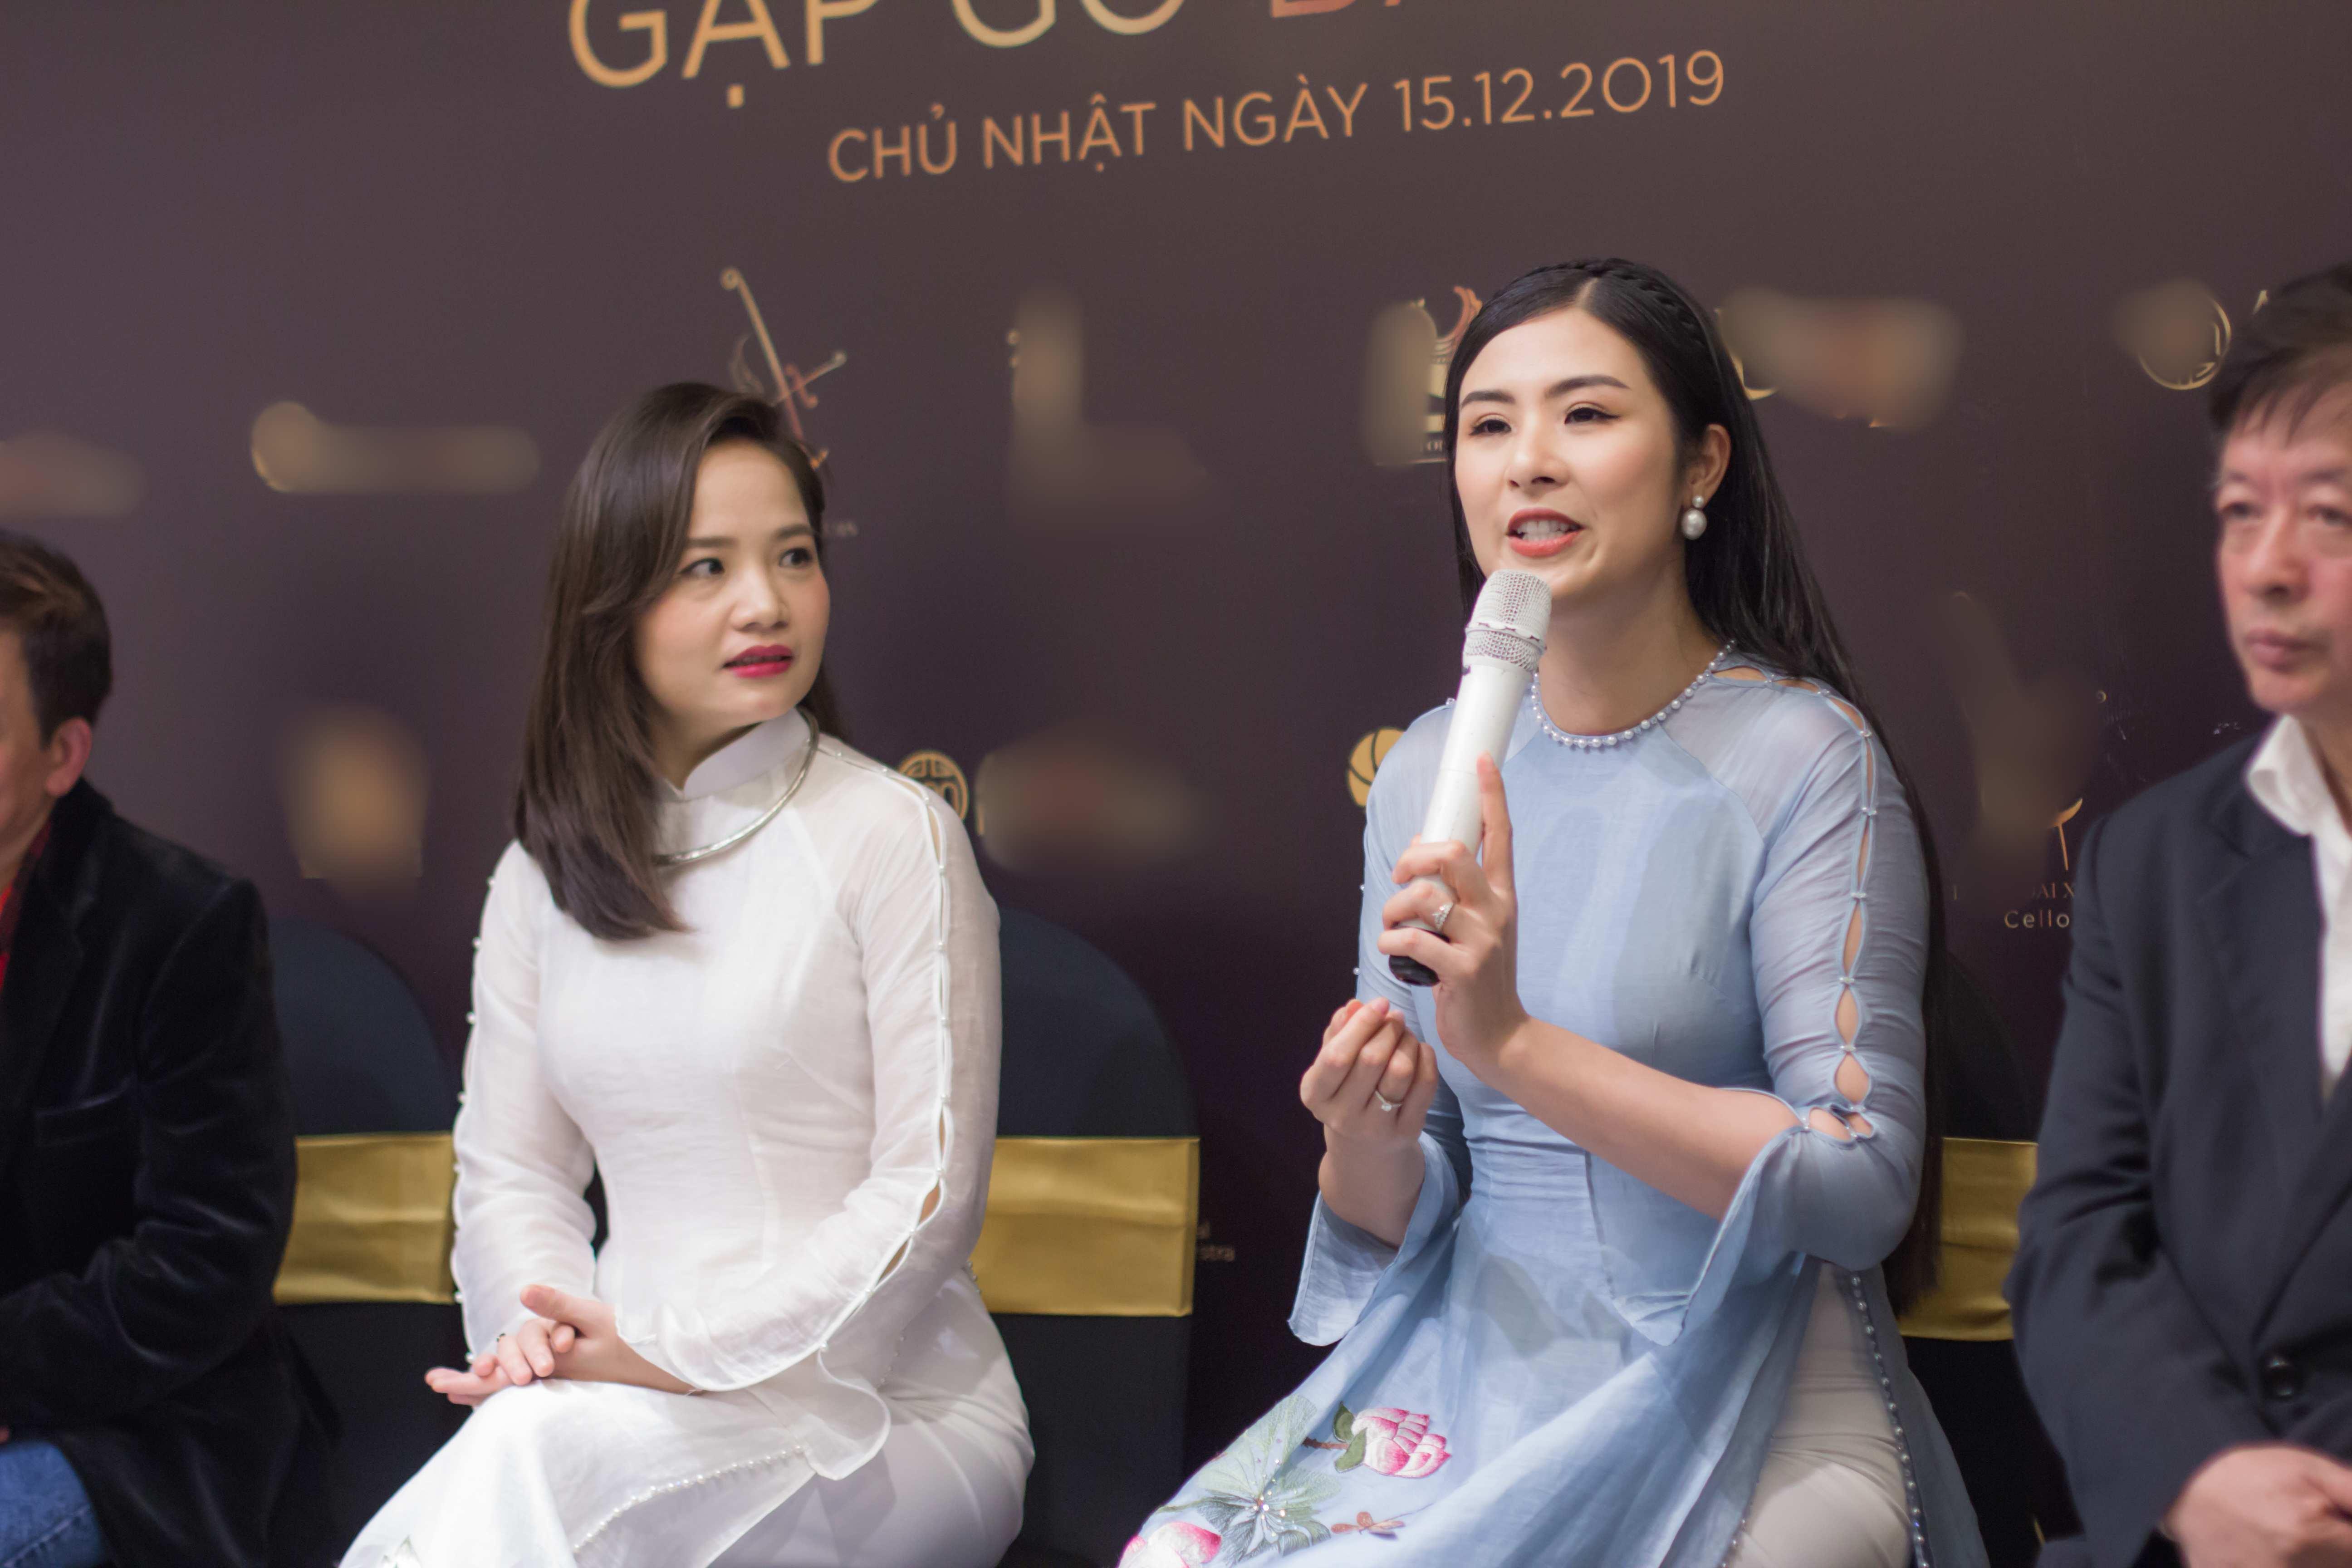 Hoa hậu Ngọc Hân bất ngờ góp mặt trong buổi hoà nhạc quốc tế với vai trò bất ngờ - 1